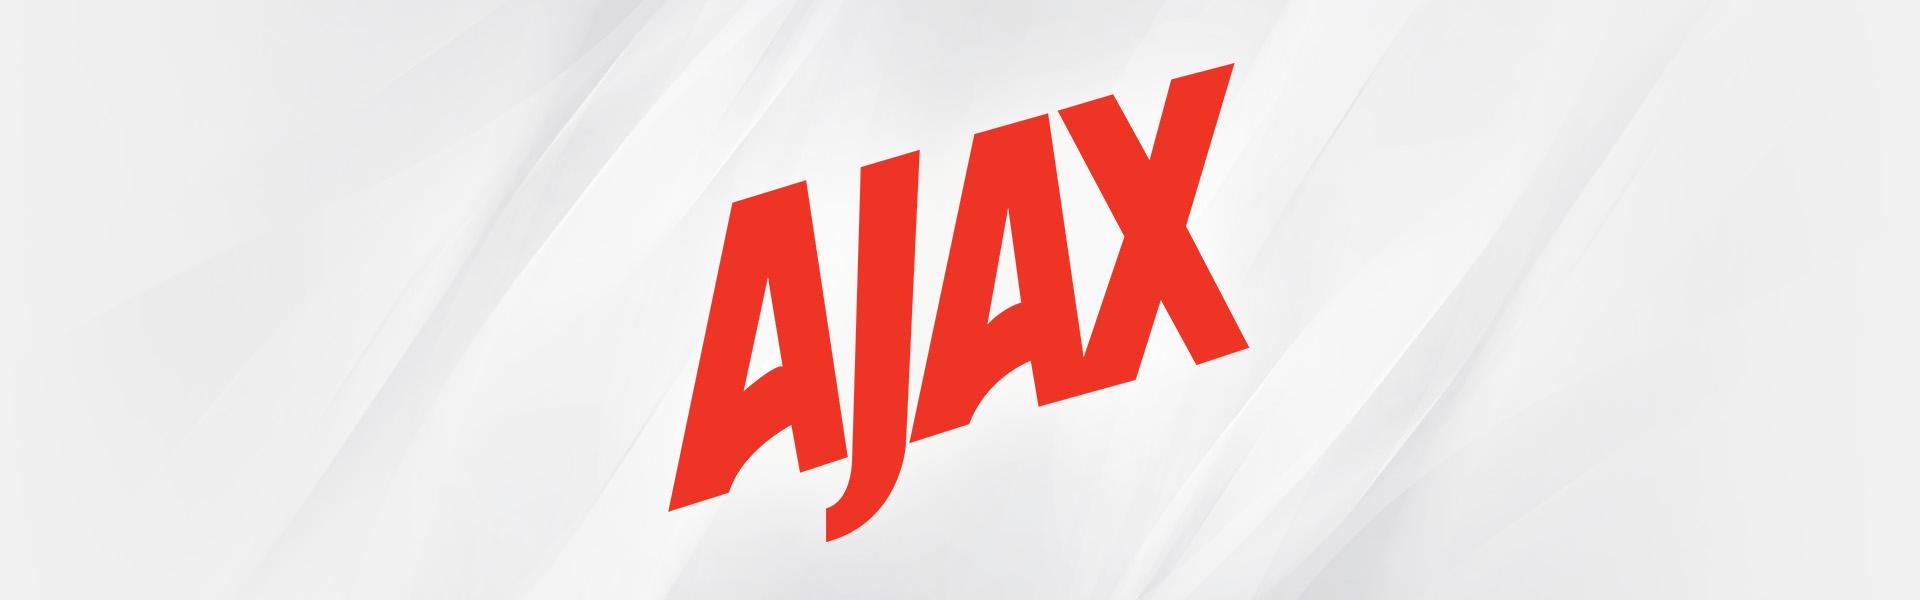 płyn do podłóg ajax